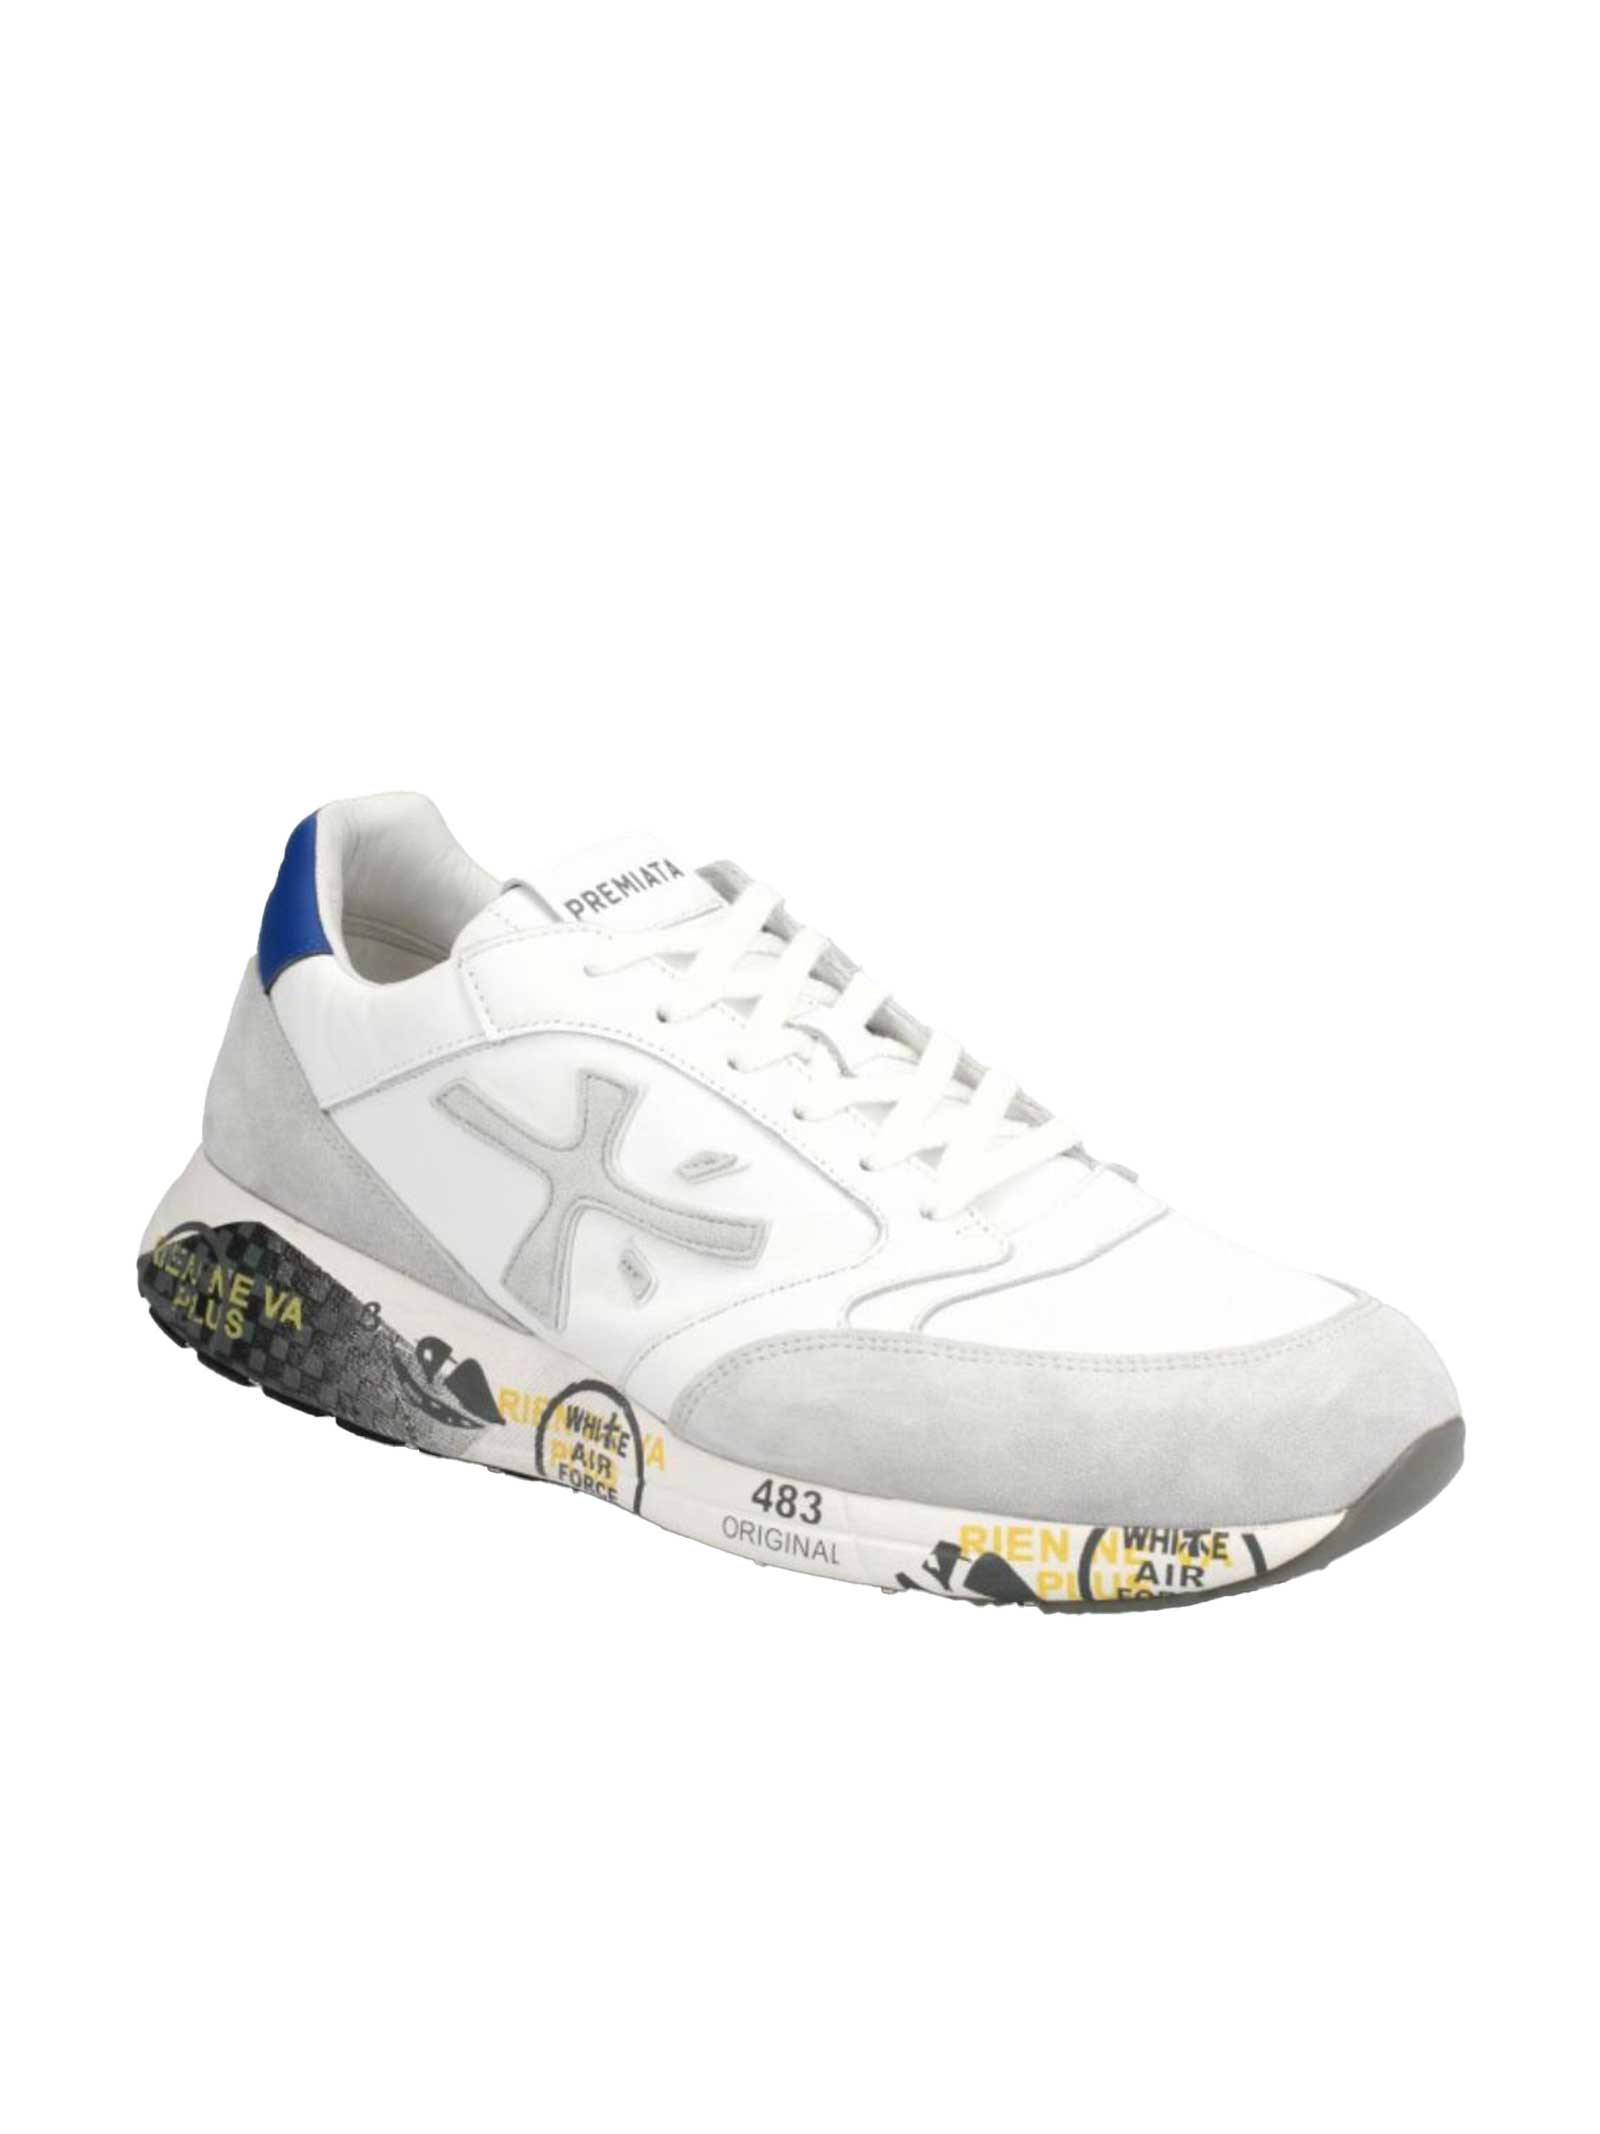 Snks ZacZac Premiata   Sneakers   ZACZAC4555